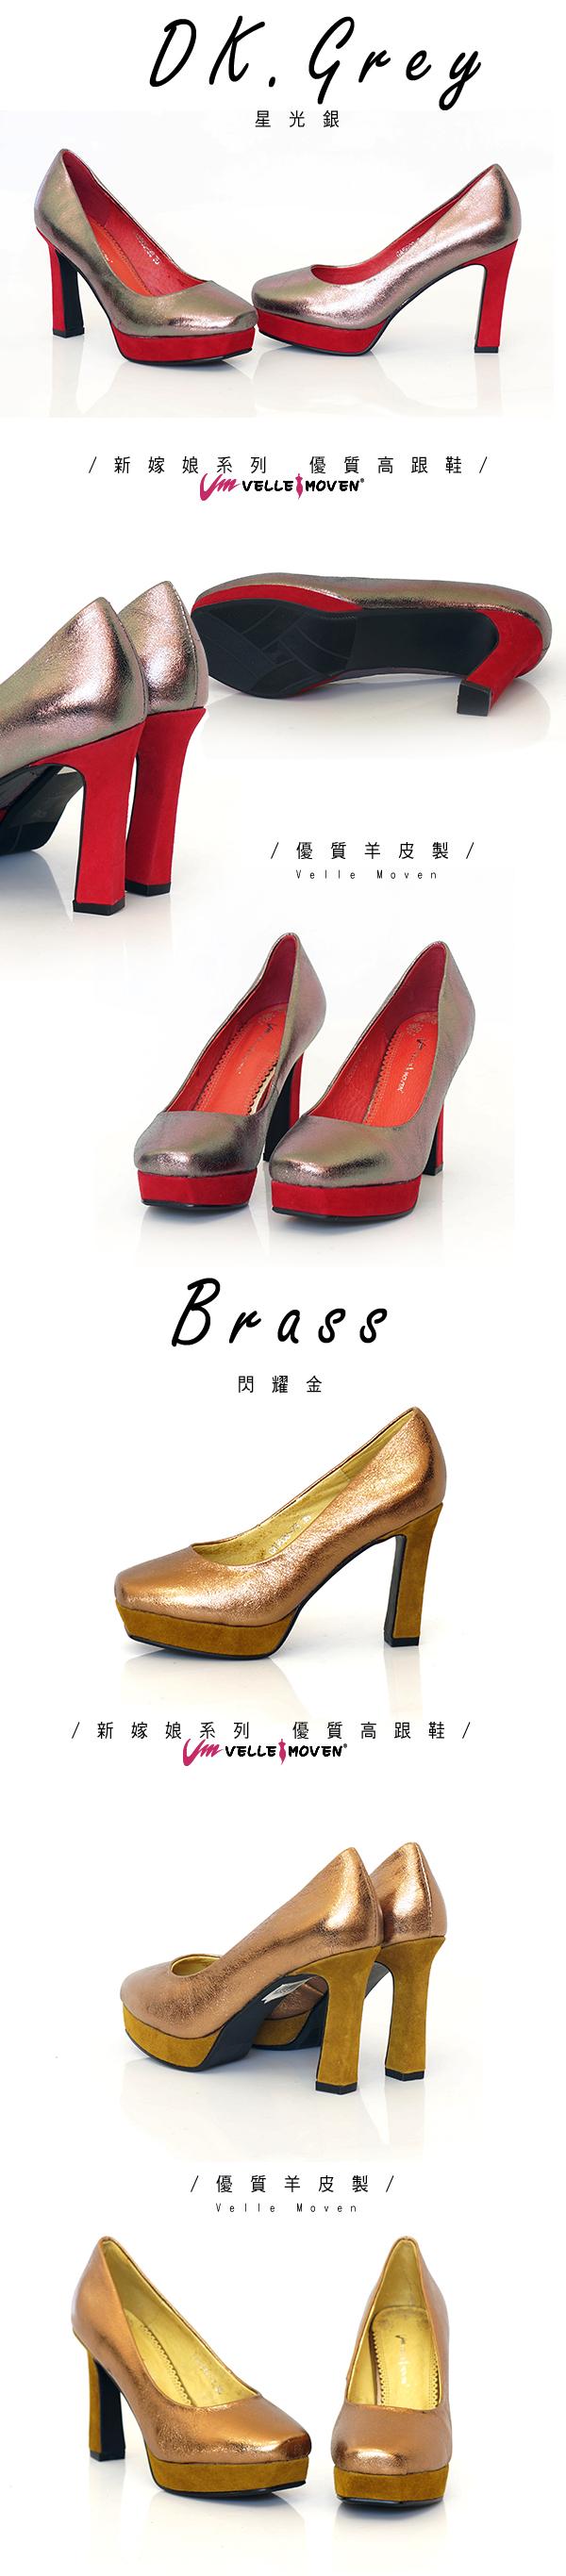 高跟鞋,VelleMoven,   新娘嫁鞋,全真皮,性感,危險高度,星光銀/閃光金,專  櫃鞋款,百貨專櫃